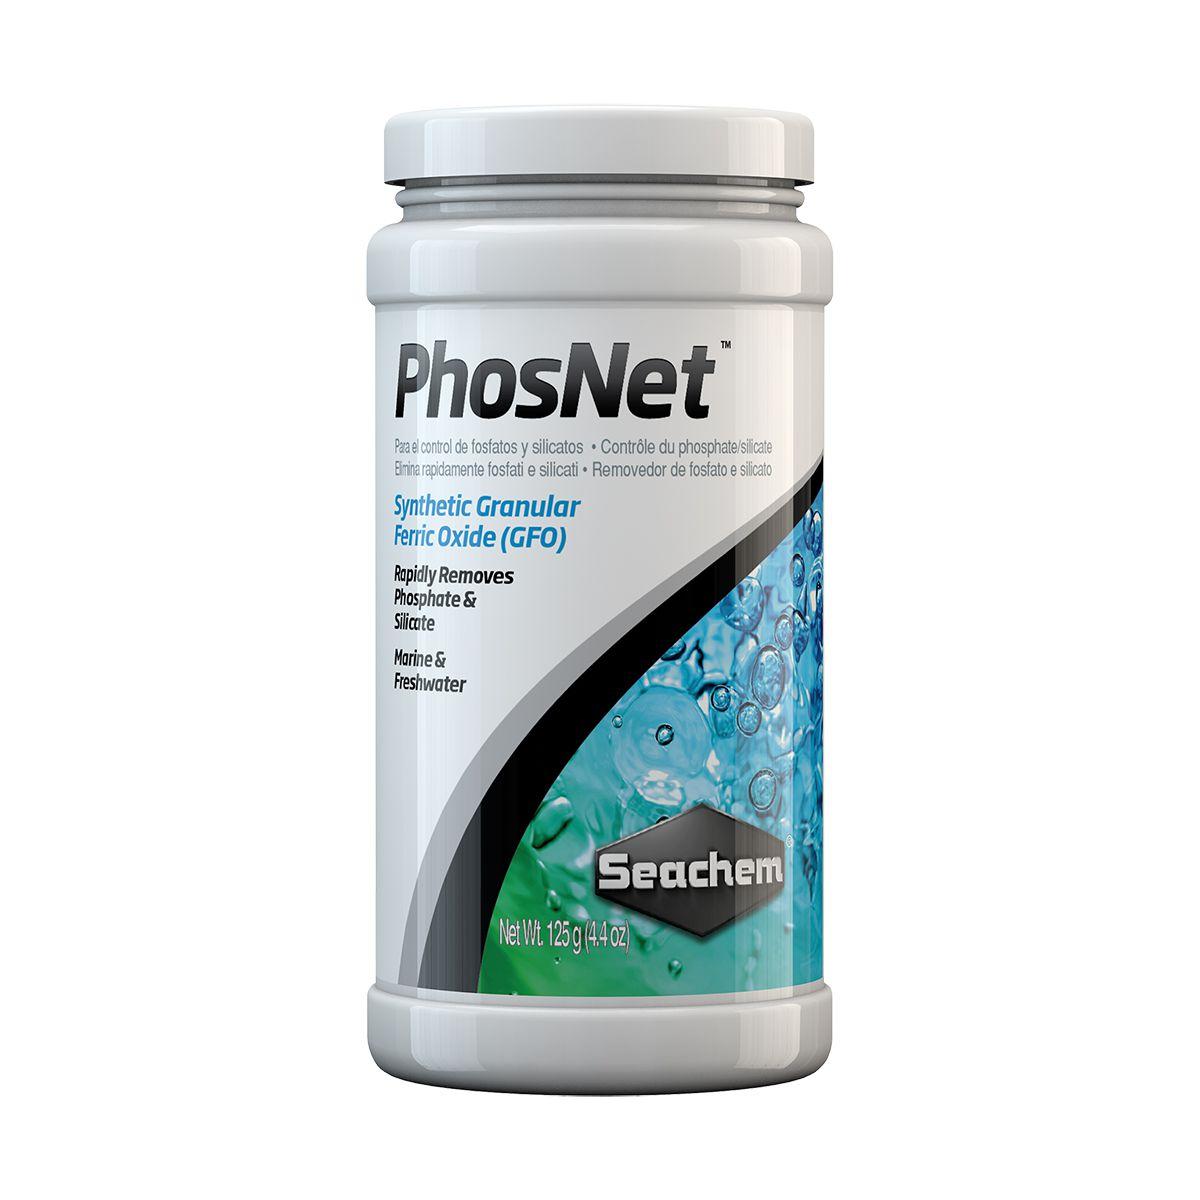 Seachem Phosnet 125g Remove Fosfato e Silicato em Aquários